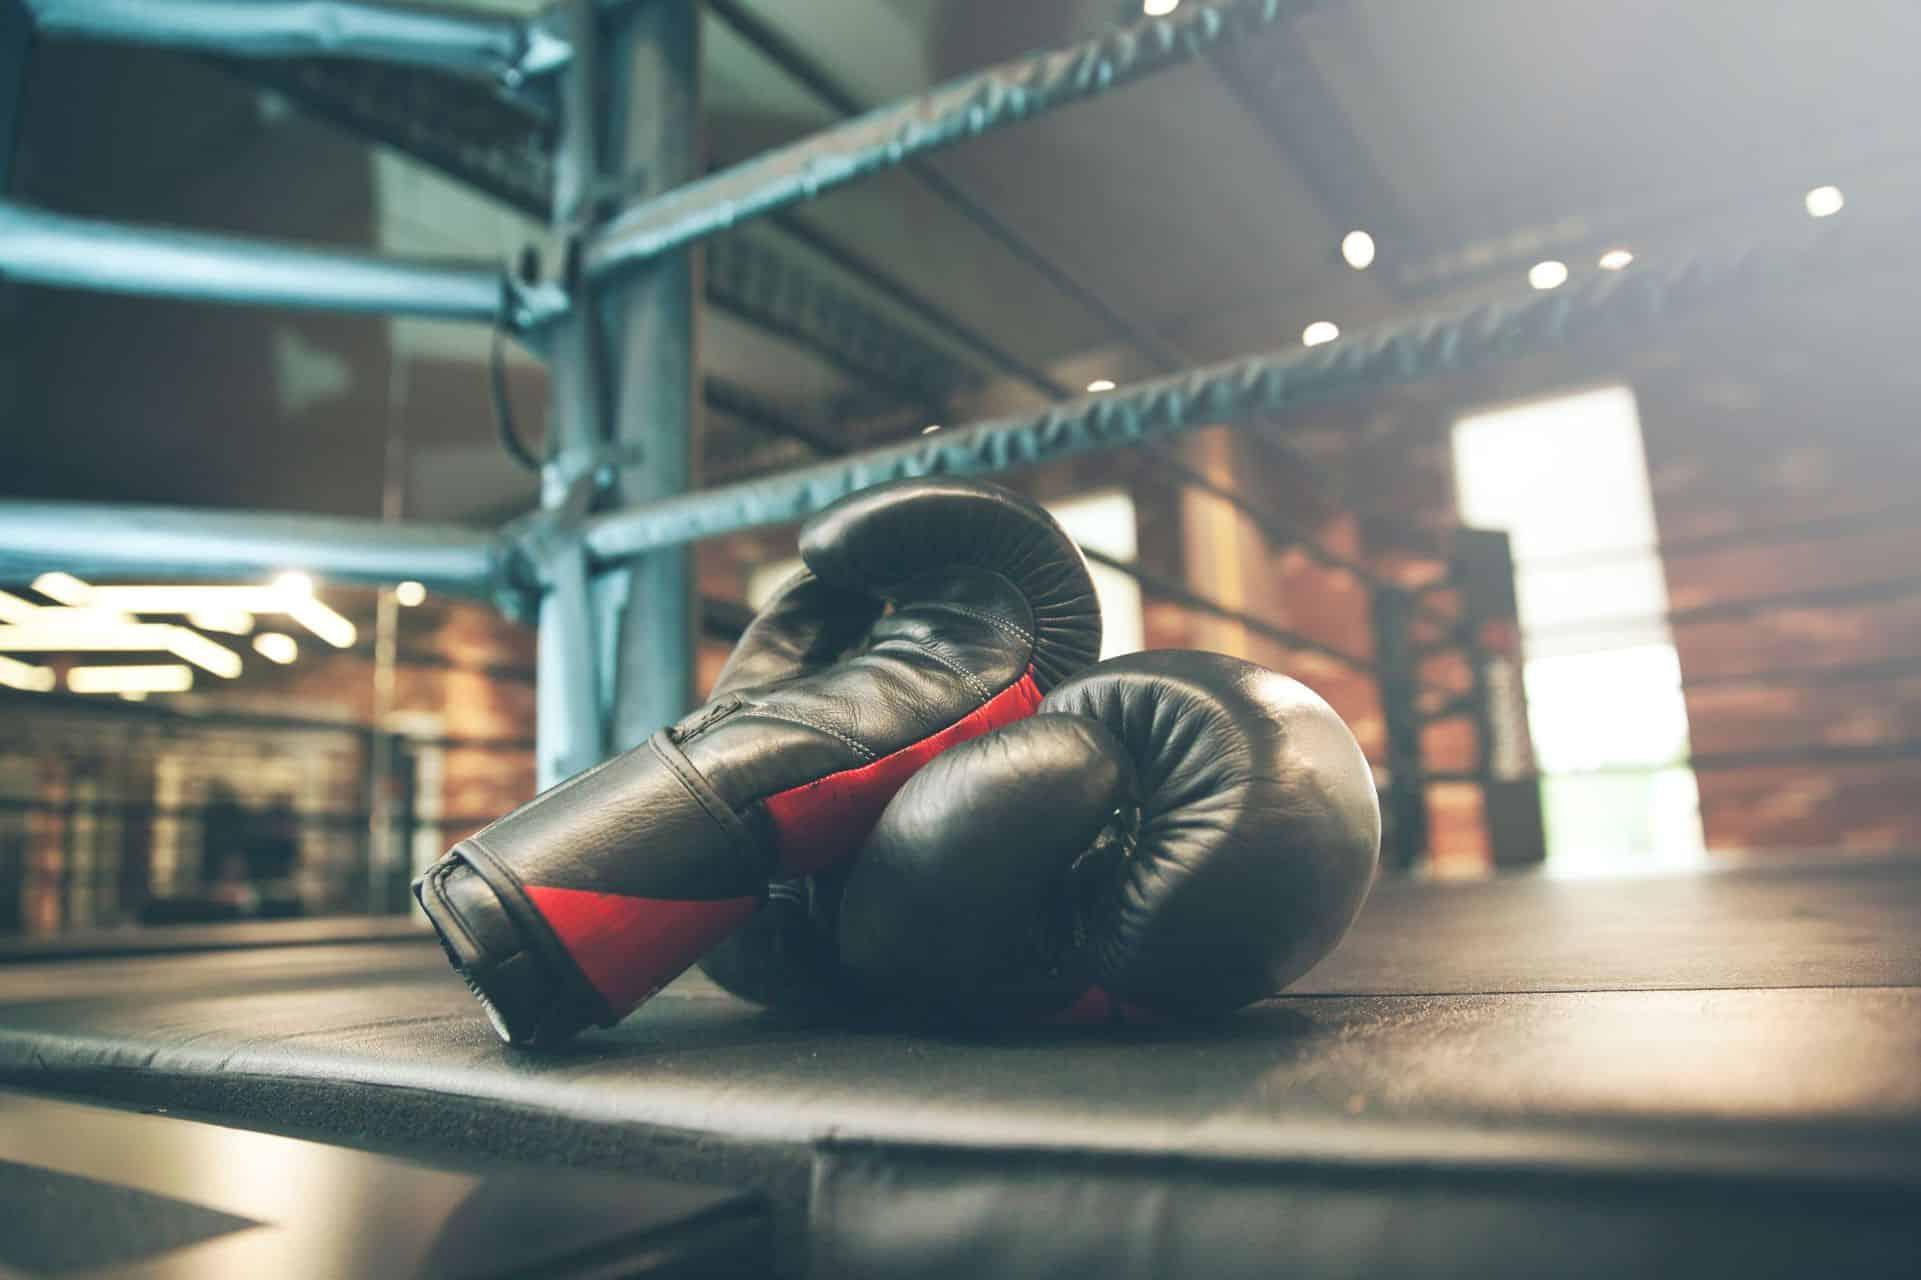 22 июля — Международный день бокса: интересные факты.